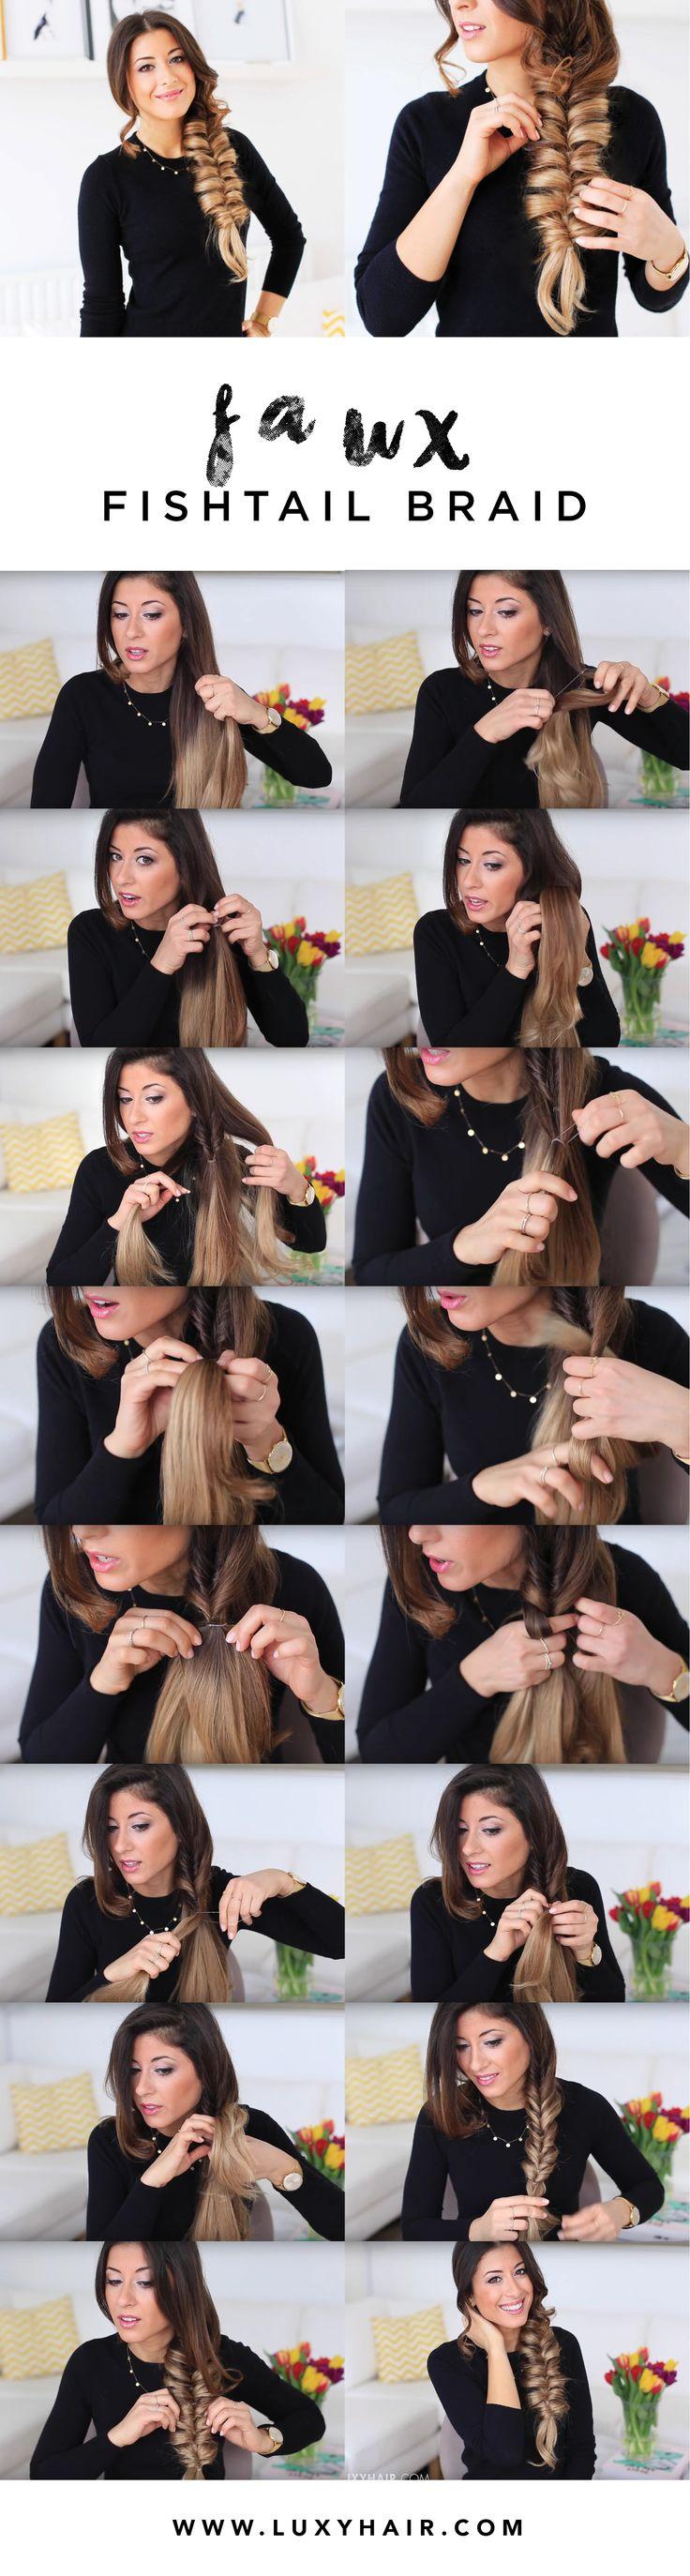 347 best hair images on Pinterest